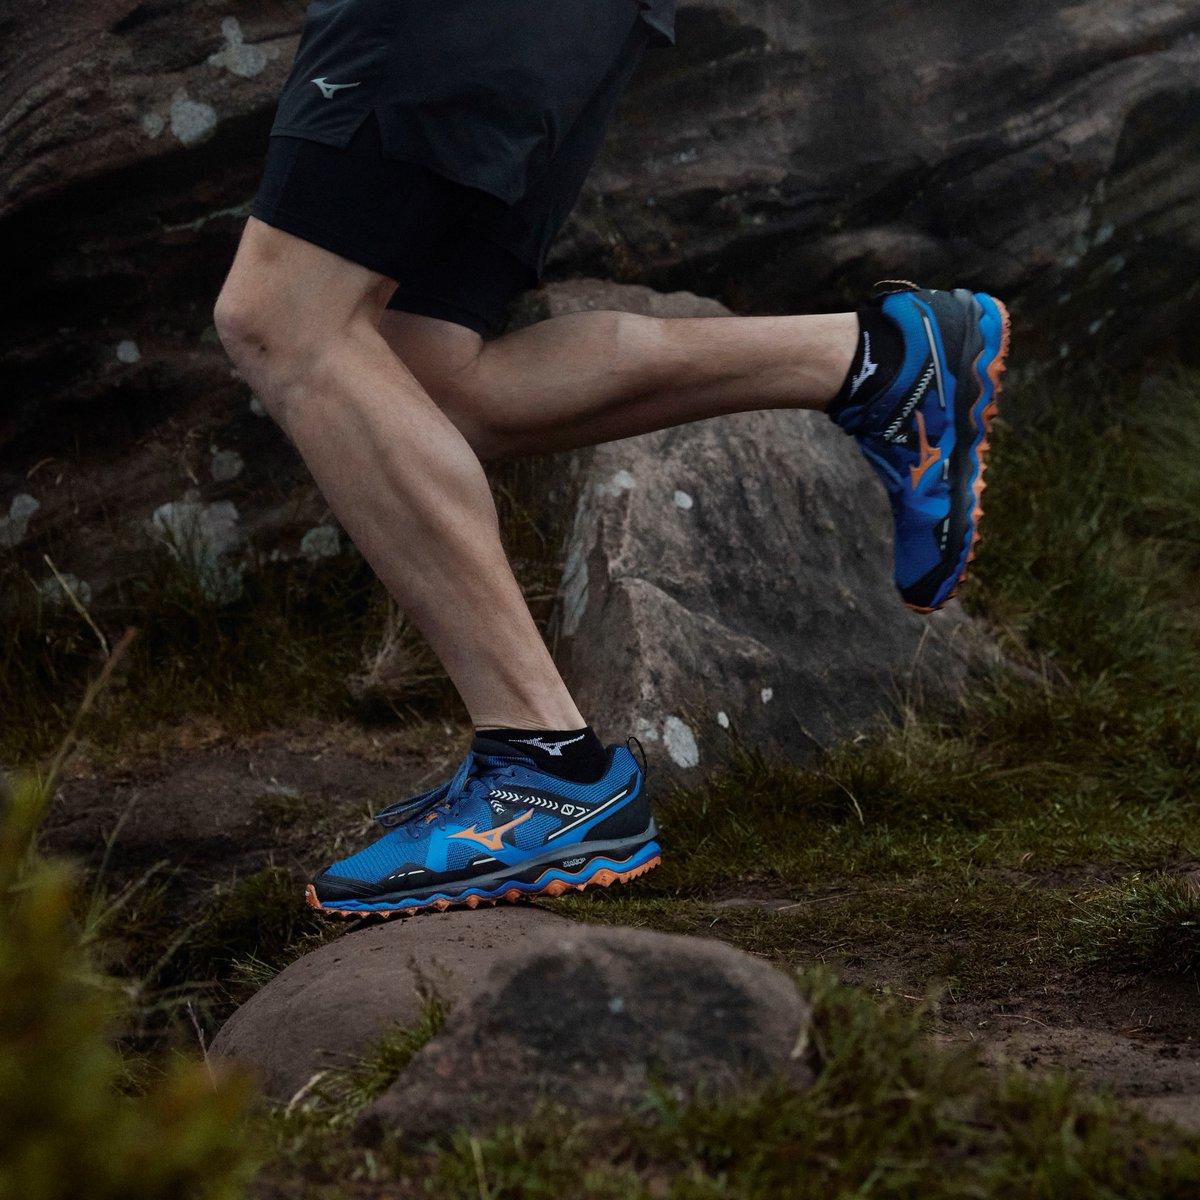 Redescubre el placer de correr por la naturaleza con la nueva Wave Mujin 7 ⛰🏃  Equipada con suela Michelin para garantizarte máxima seguridad y agarre incluso en los terrenos más difíciles.  ▶️ https://t.co/RSZgIcR9Ob  #Mizuno #TrailRunning #WaveMujin7 https://t.co/q0lF3iFIv8